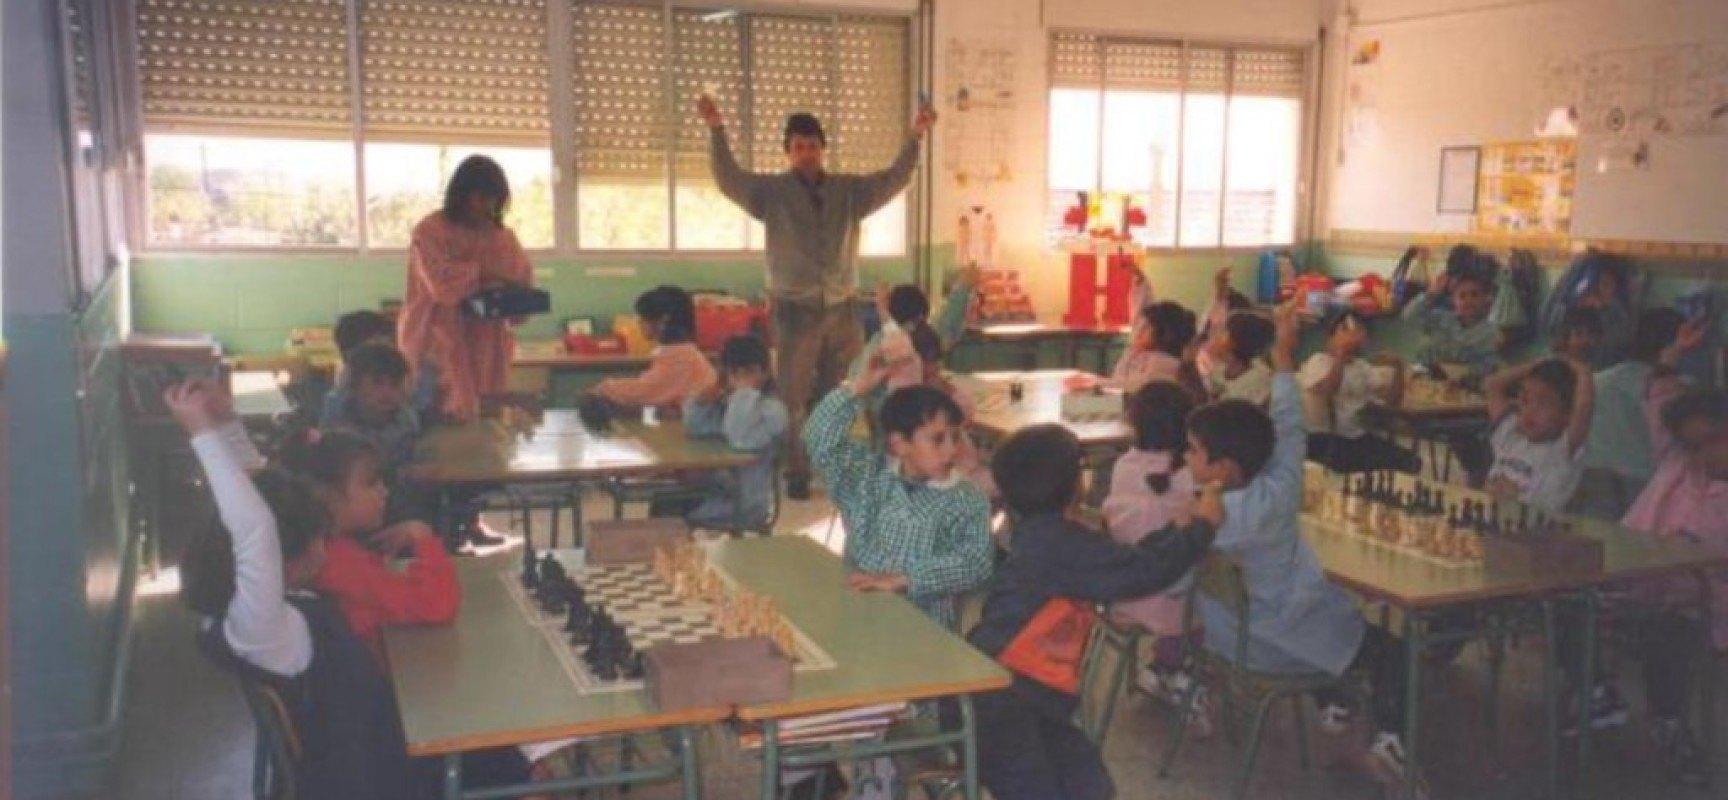 Ajedrez educativo/ajedrez competitivo, ¿dos experiencias contrapuestas?